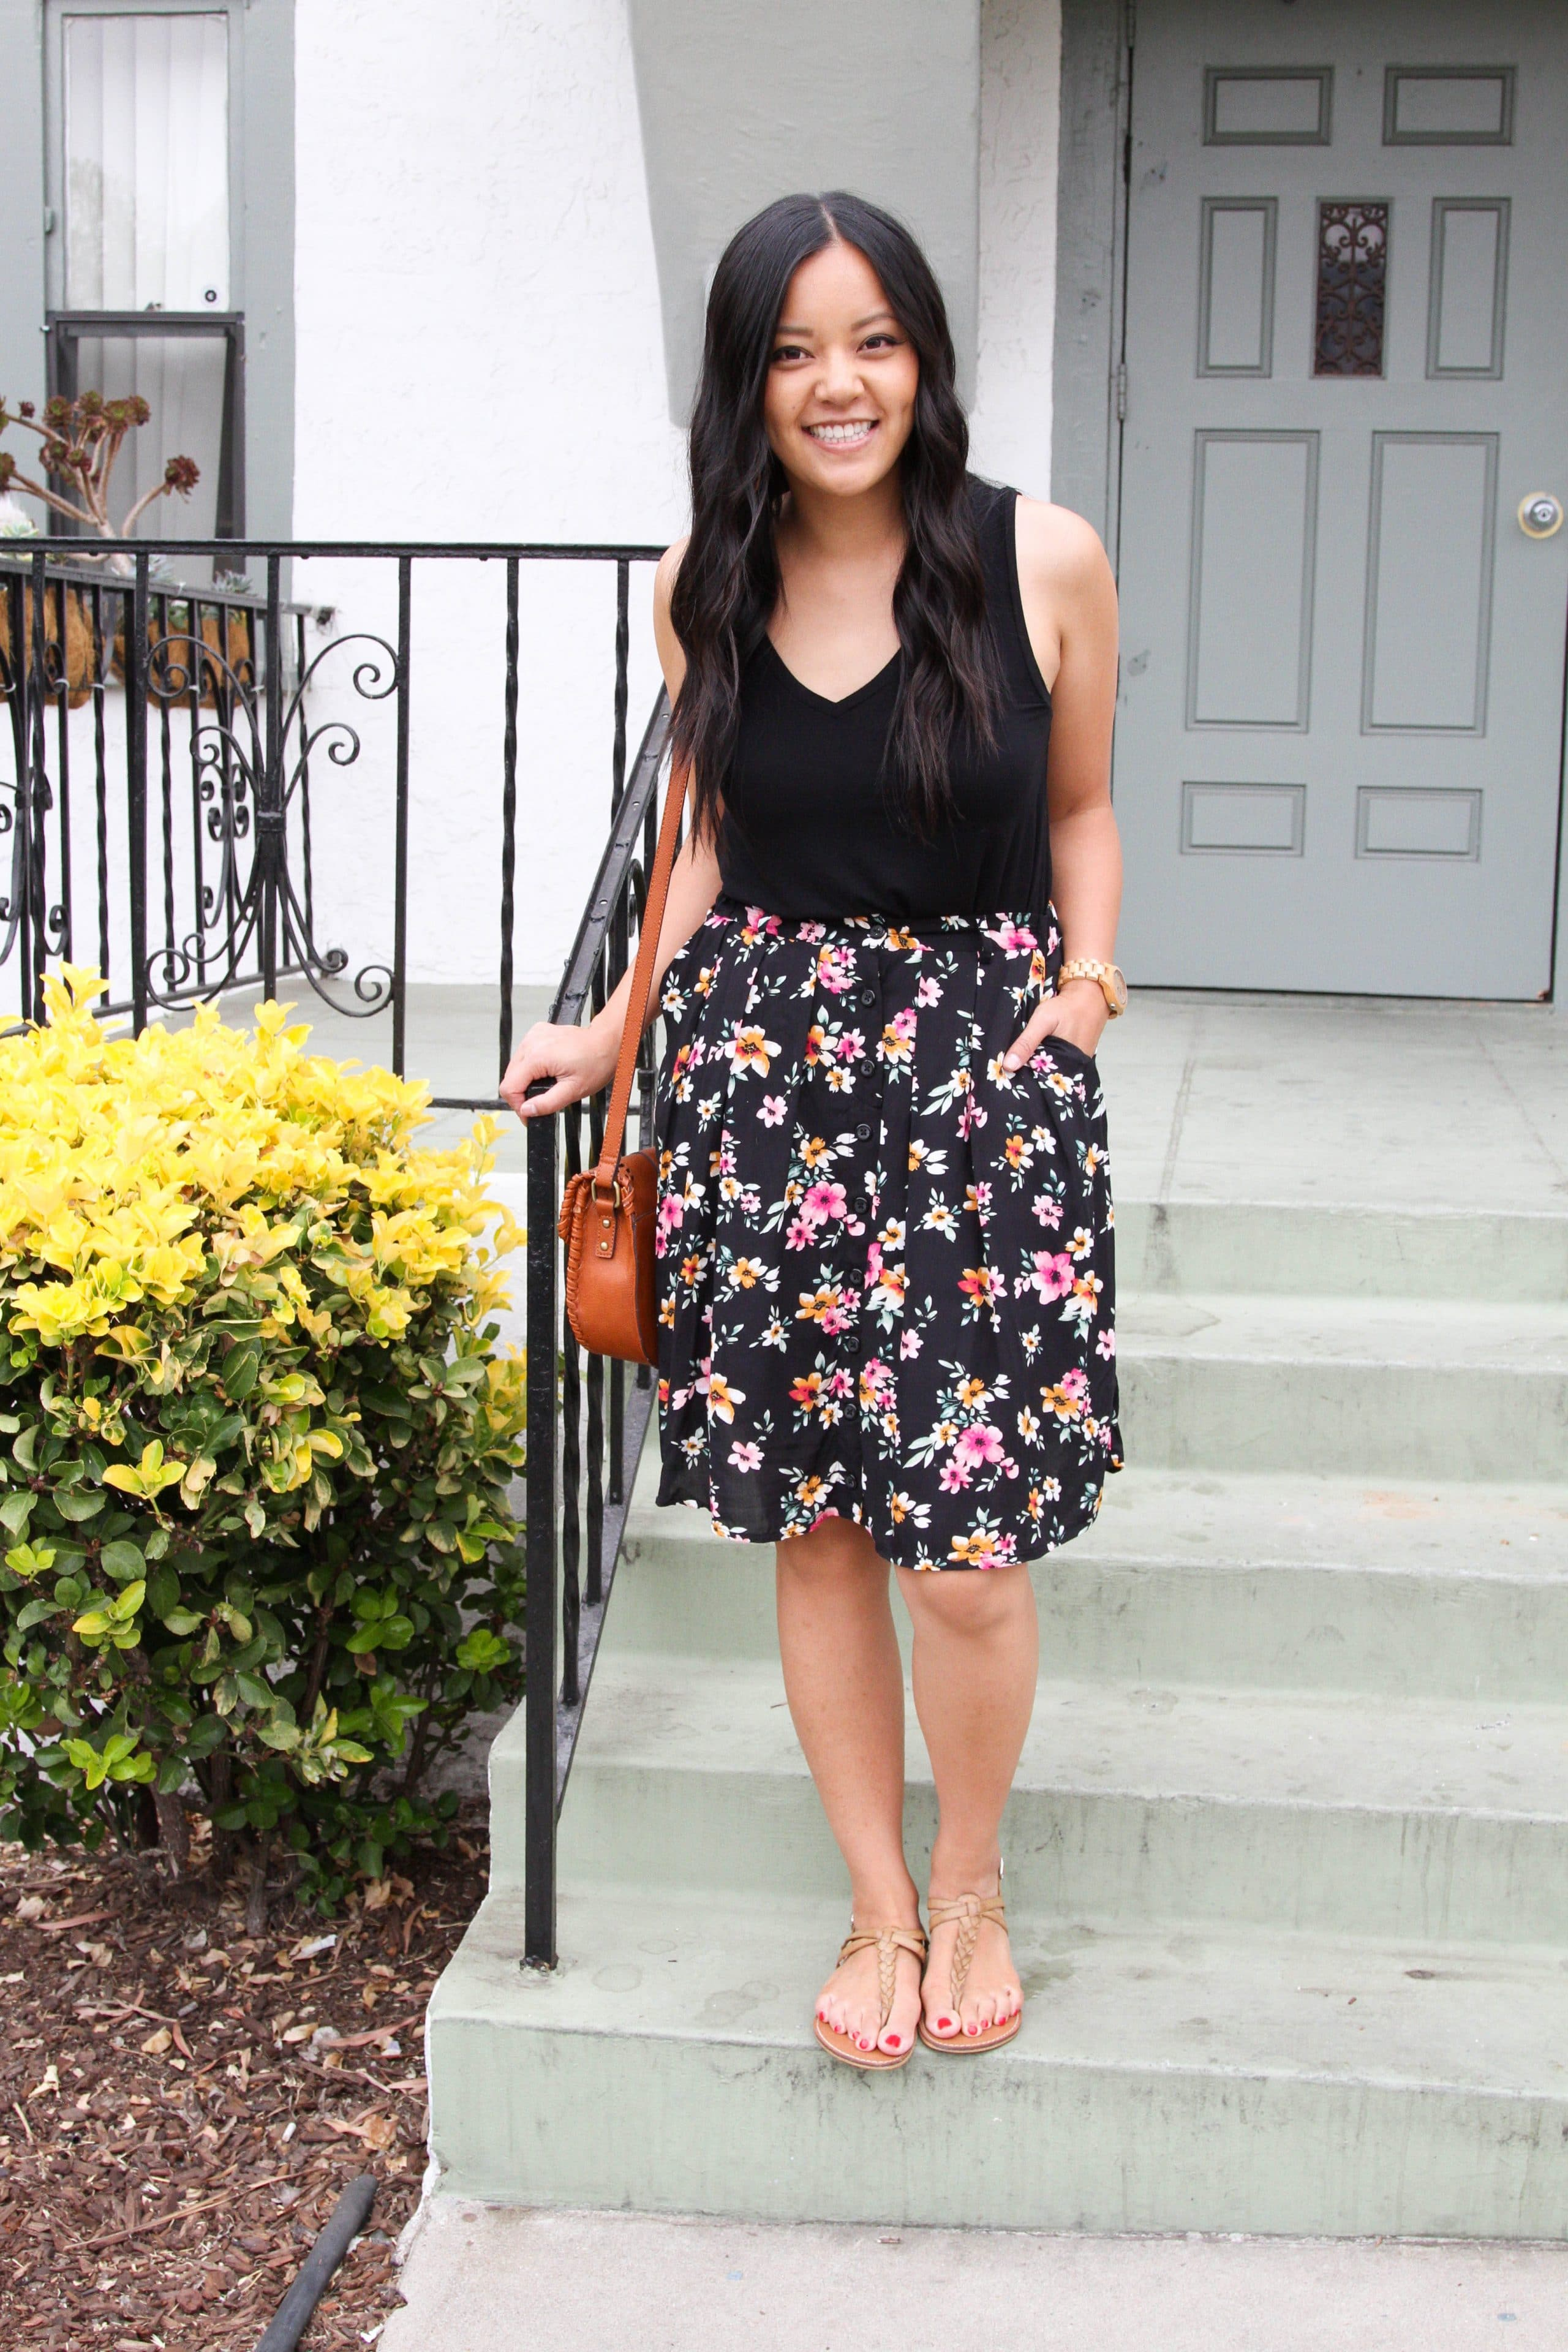 black floral skirt + cognac purse + tan sandals + black top